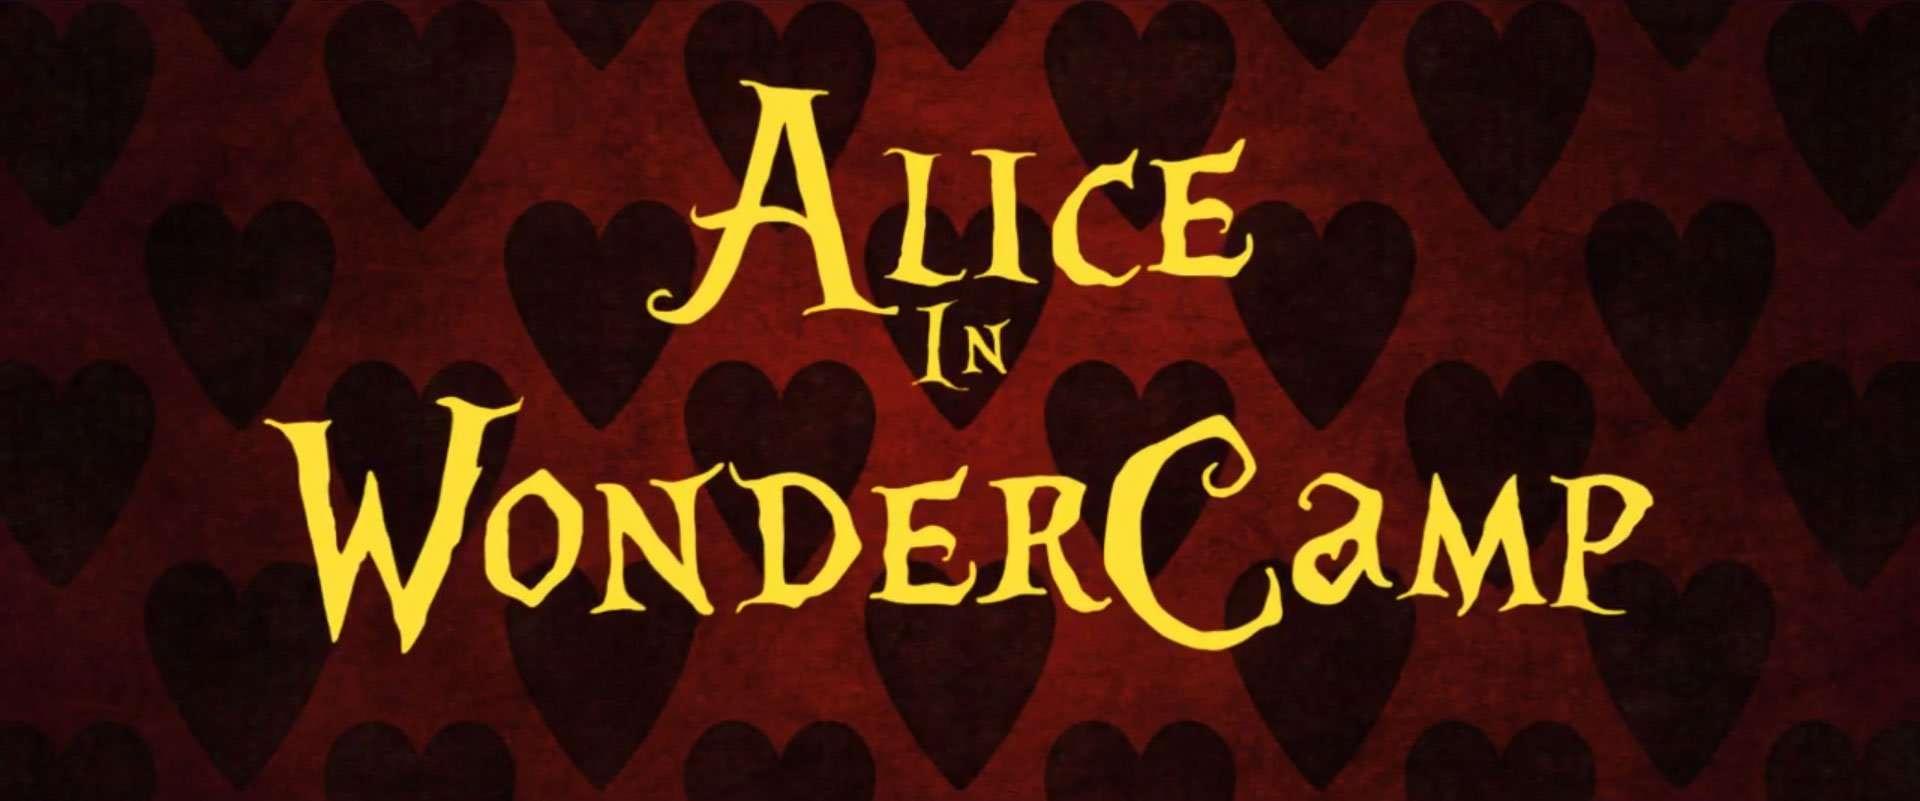 Alice-in-Wonderland-Trailer-Remake-Altercut-Camposcuola-video-editing-video-maker-effetti-speciali